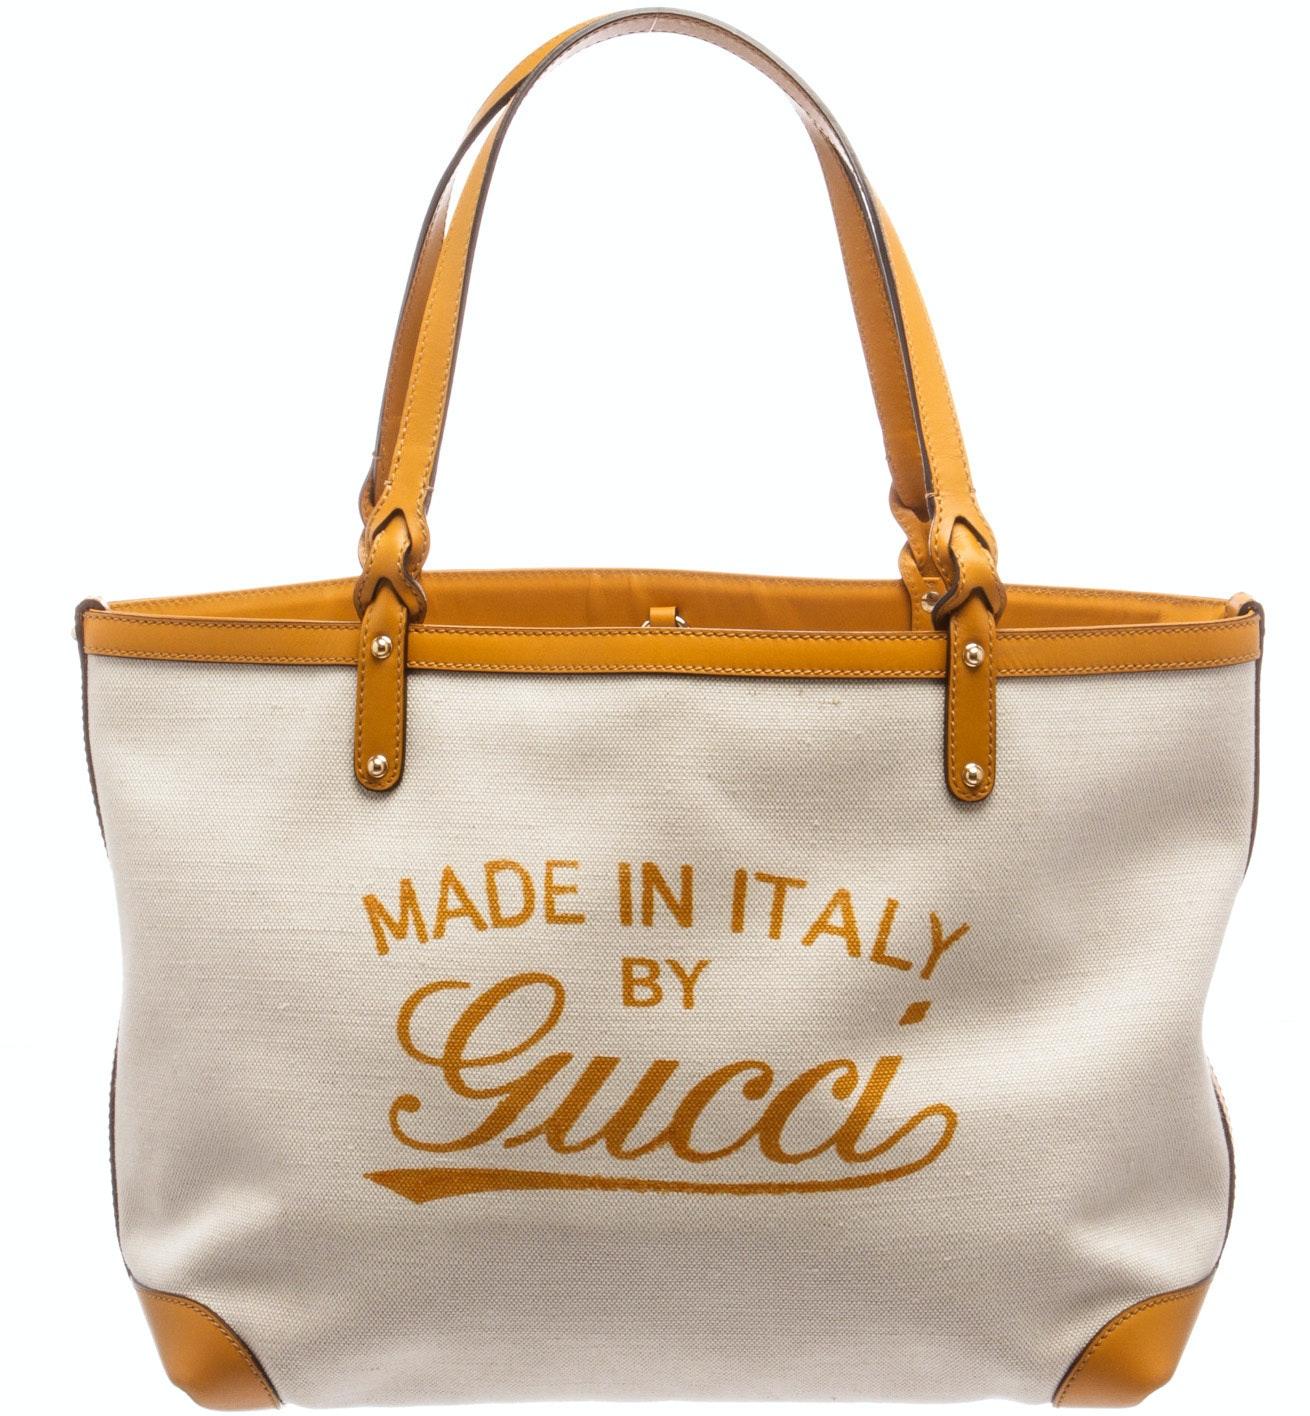 Gucci Tote Script Logo Beige/Yellow